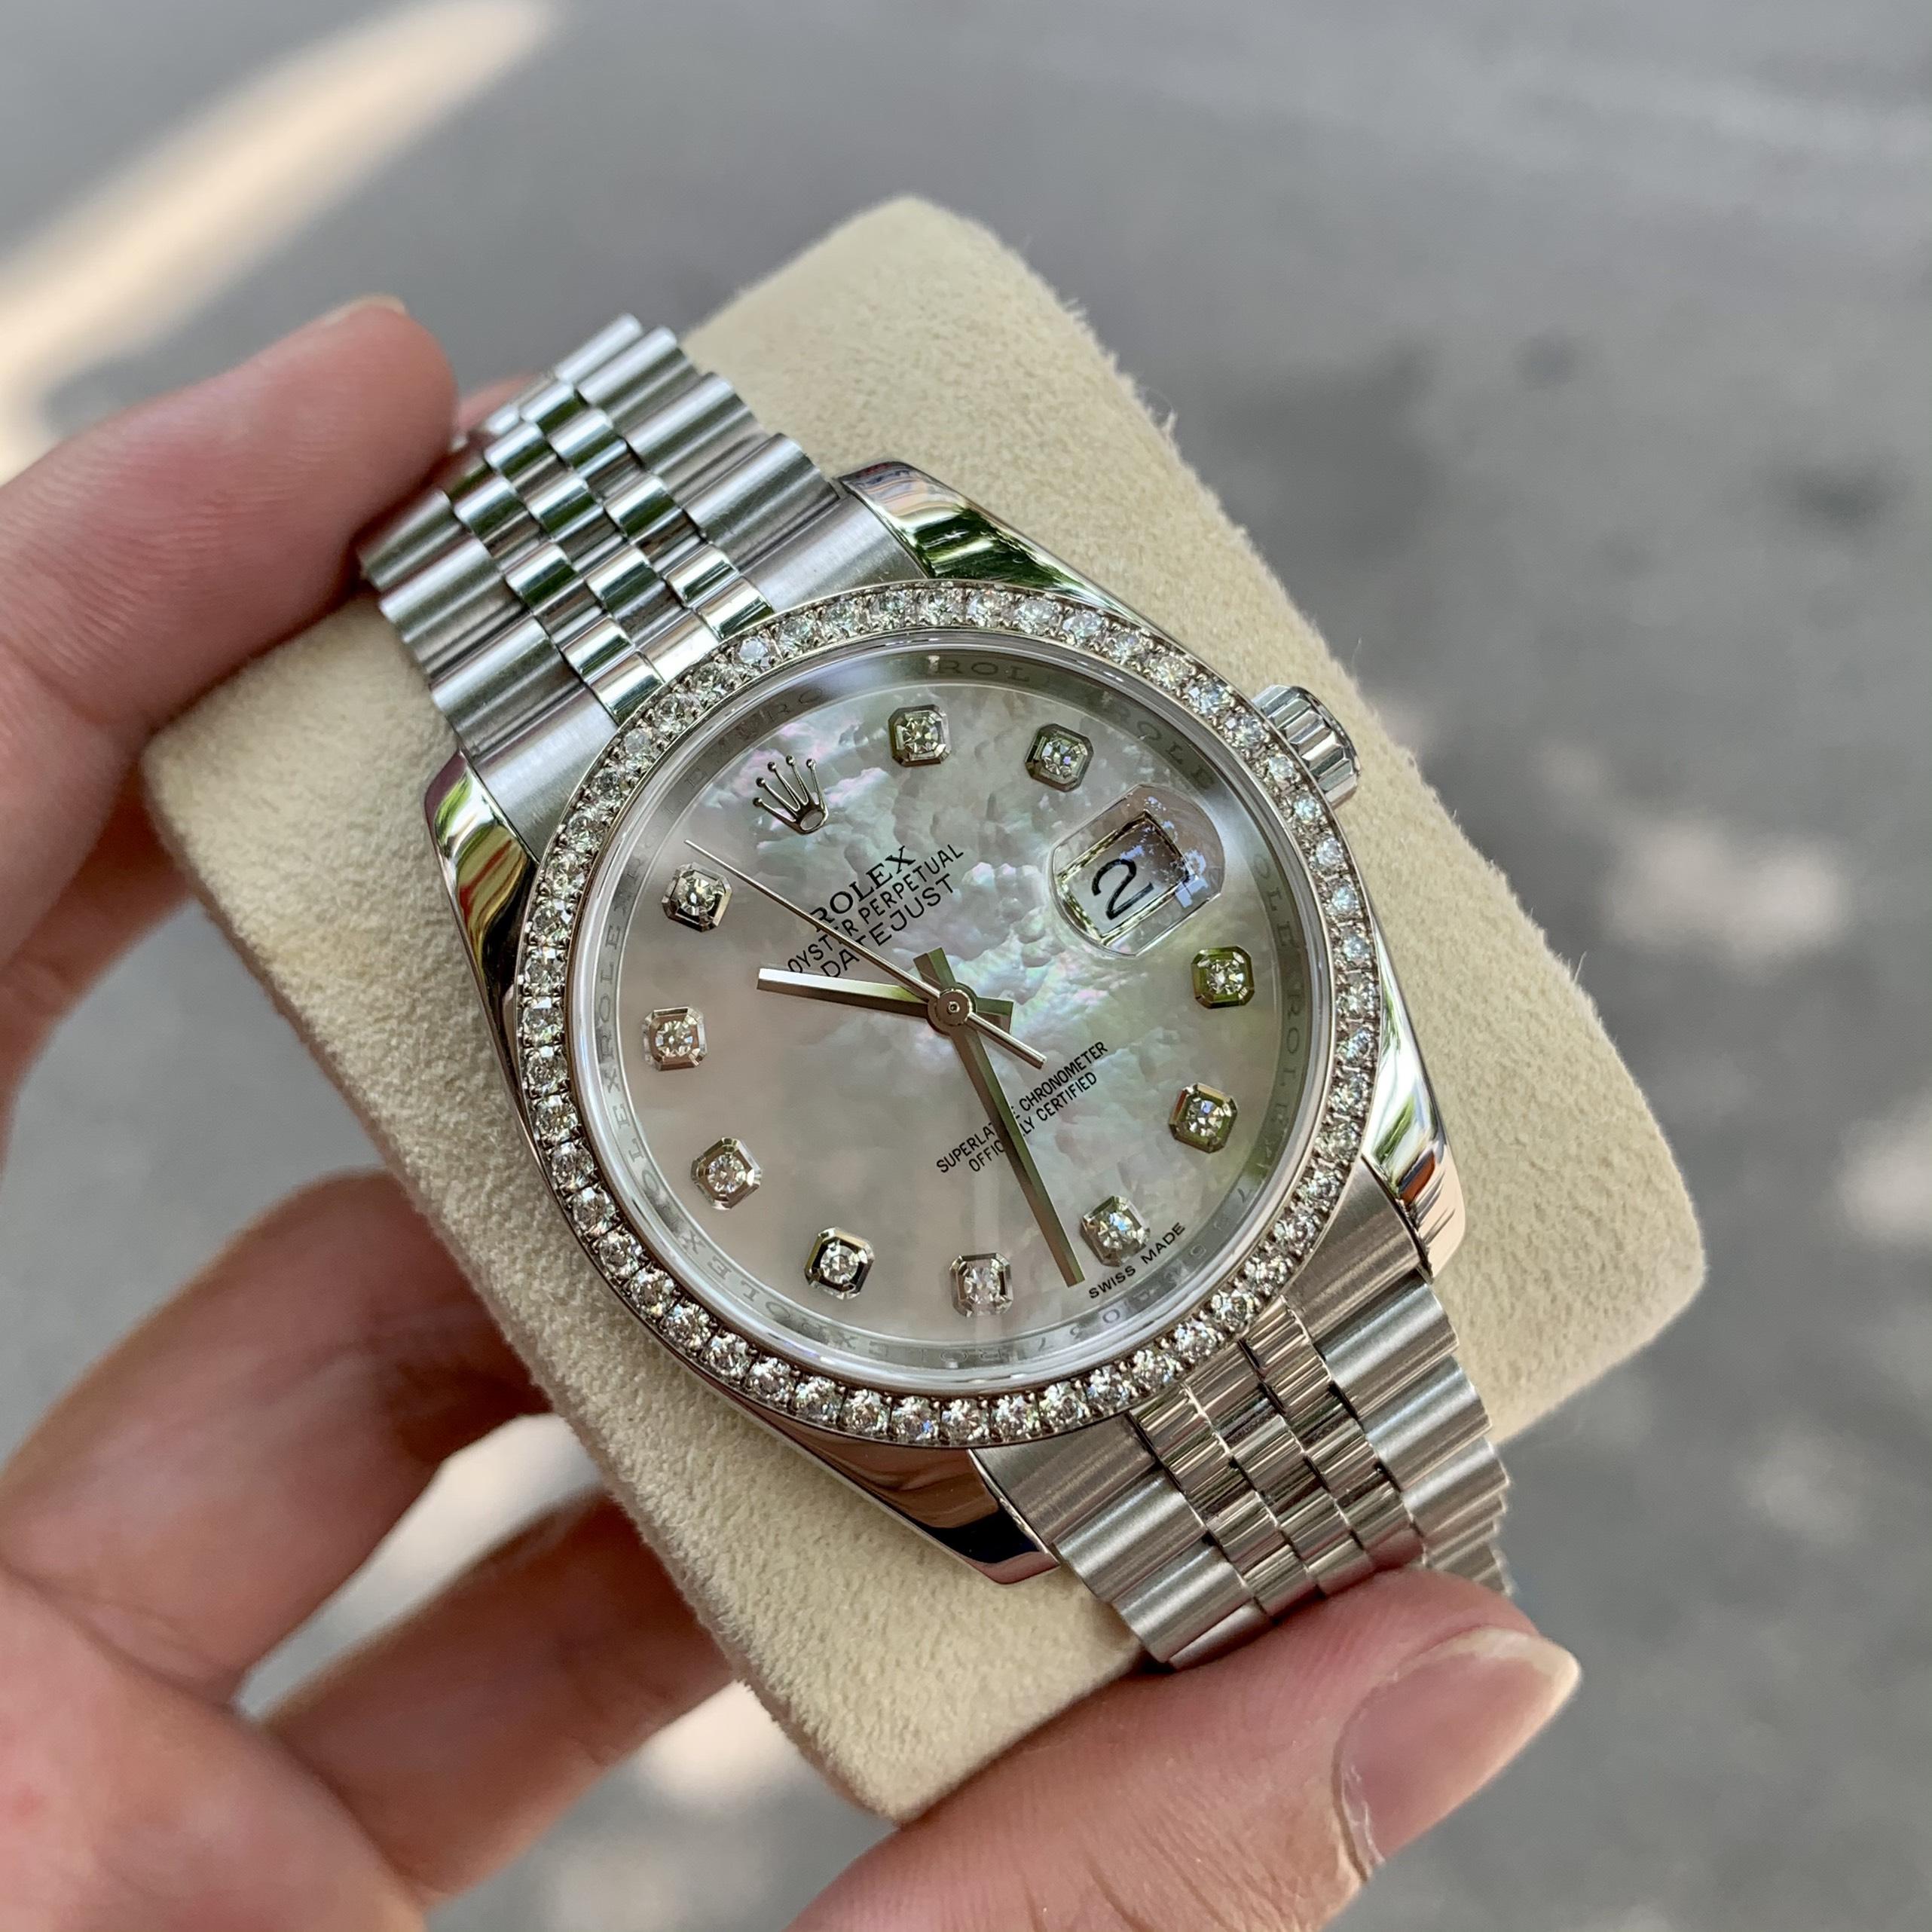 10 chiếc đồng hồ Rolex cũ đáng lựa chọn nhất 2021 Dong-ho-rolex-datejust-116244-mat-kham-trai-trang-diamond-zin-1